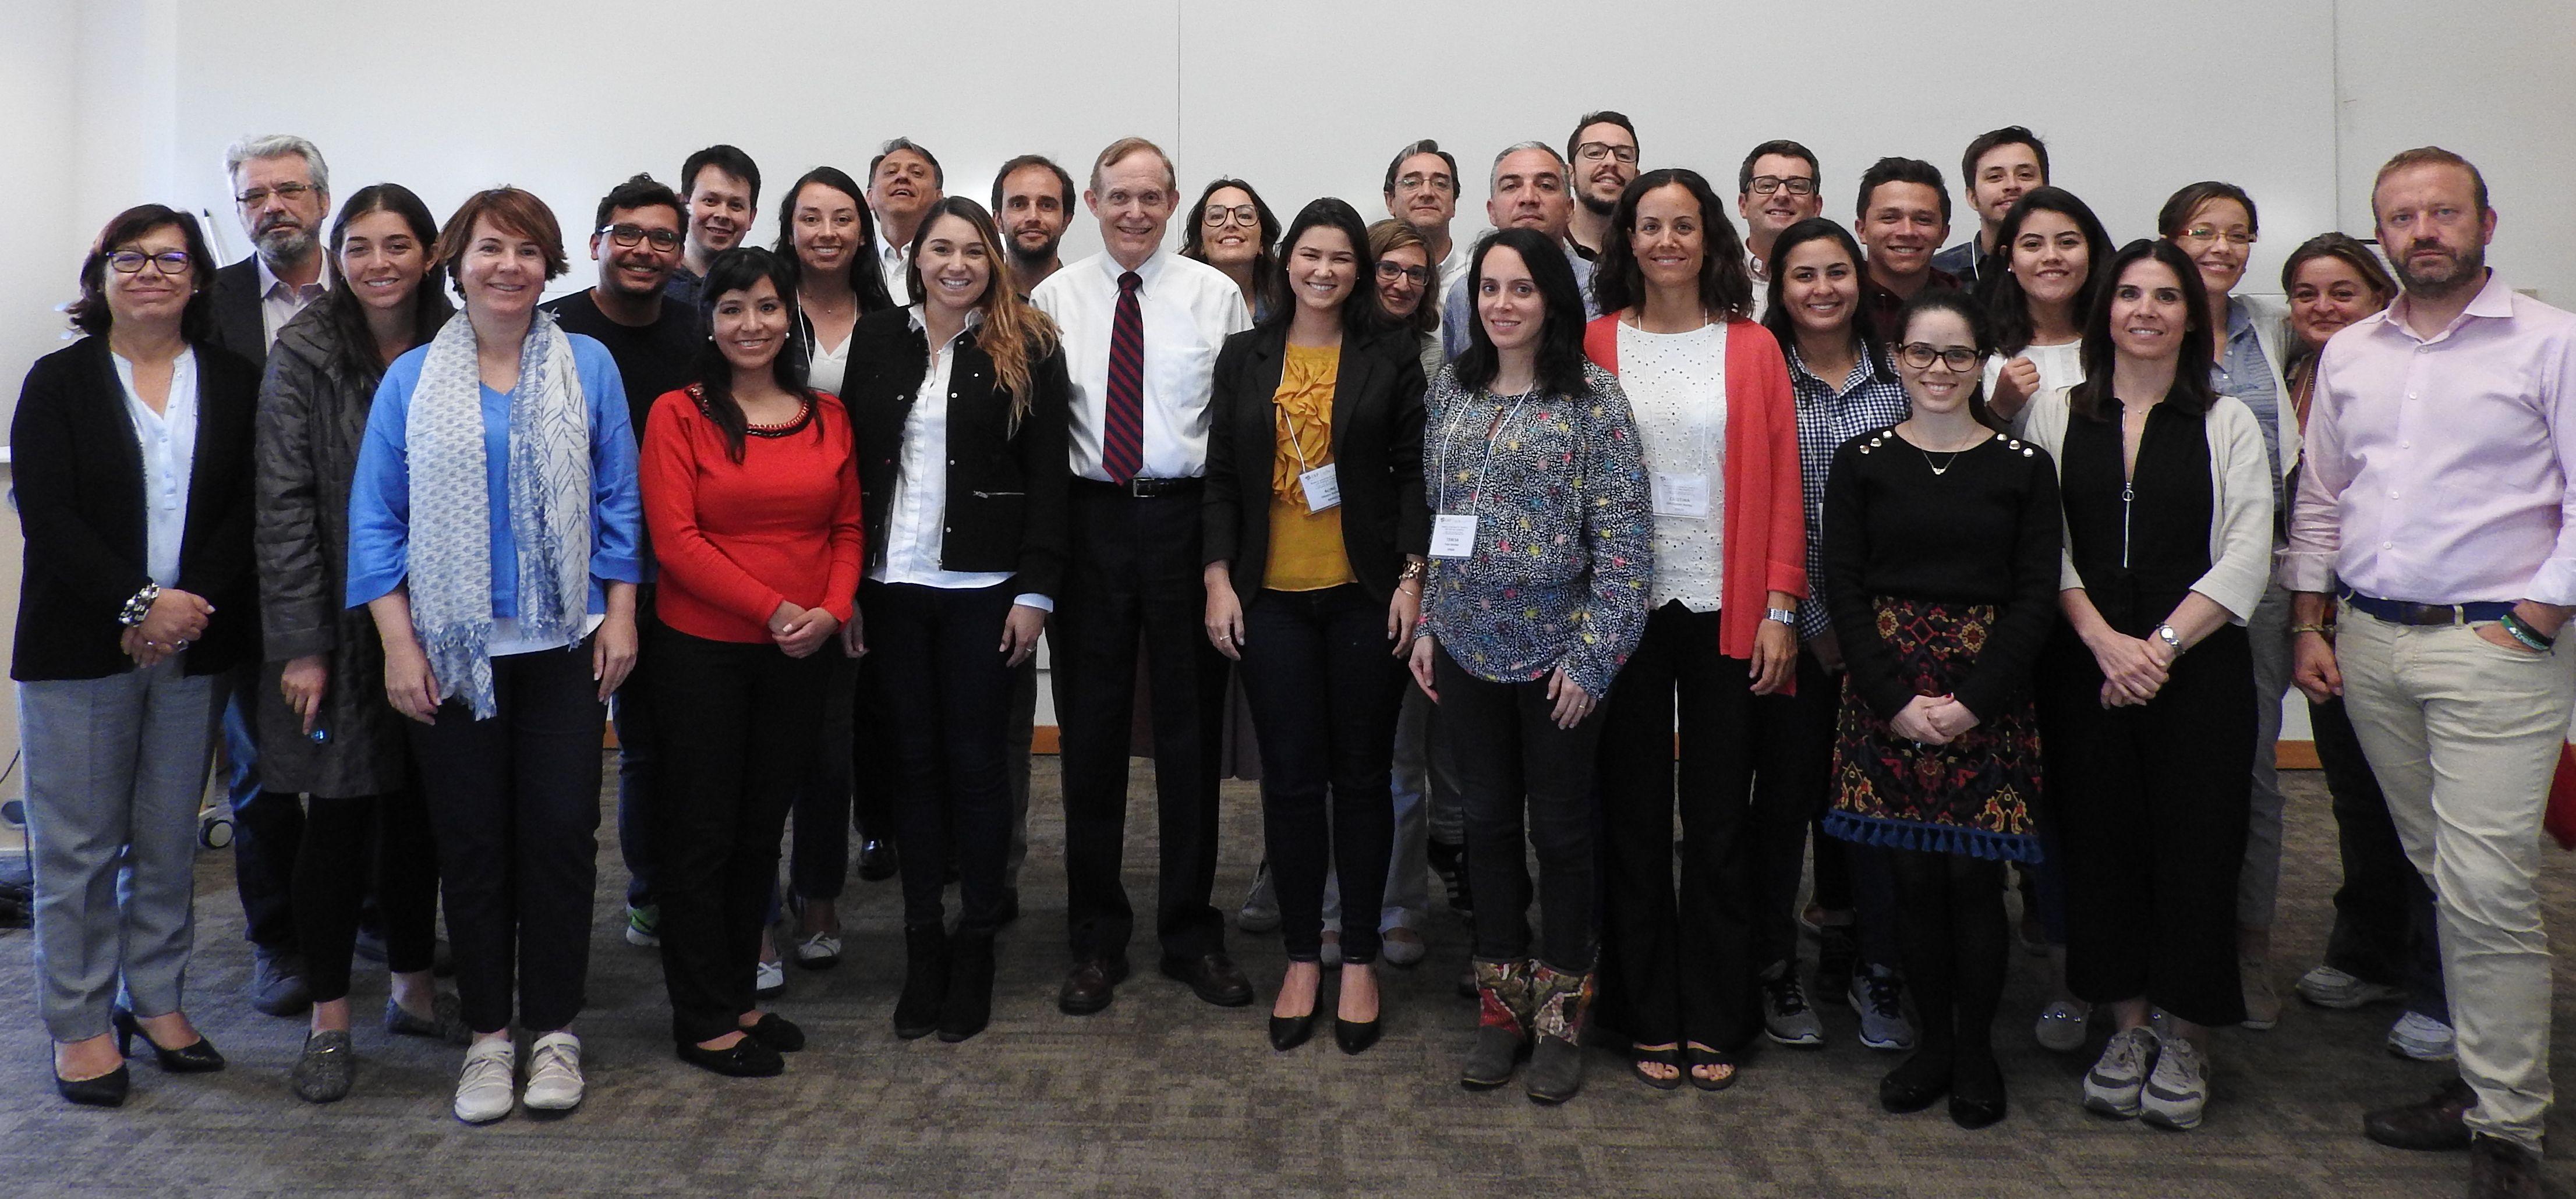 Académicos y profesionales de España y América Latina se dan cita en un nuevo simposio del IAP-UAM sobre políticas públicas